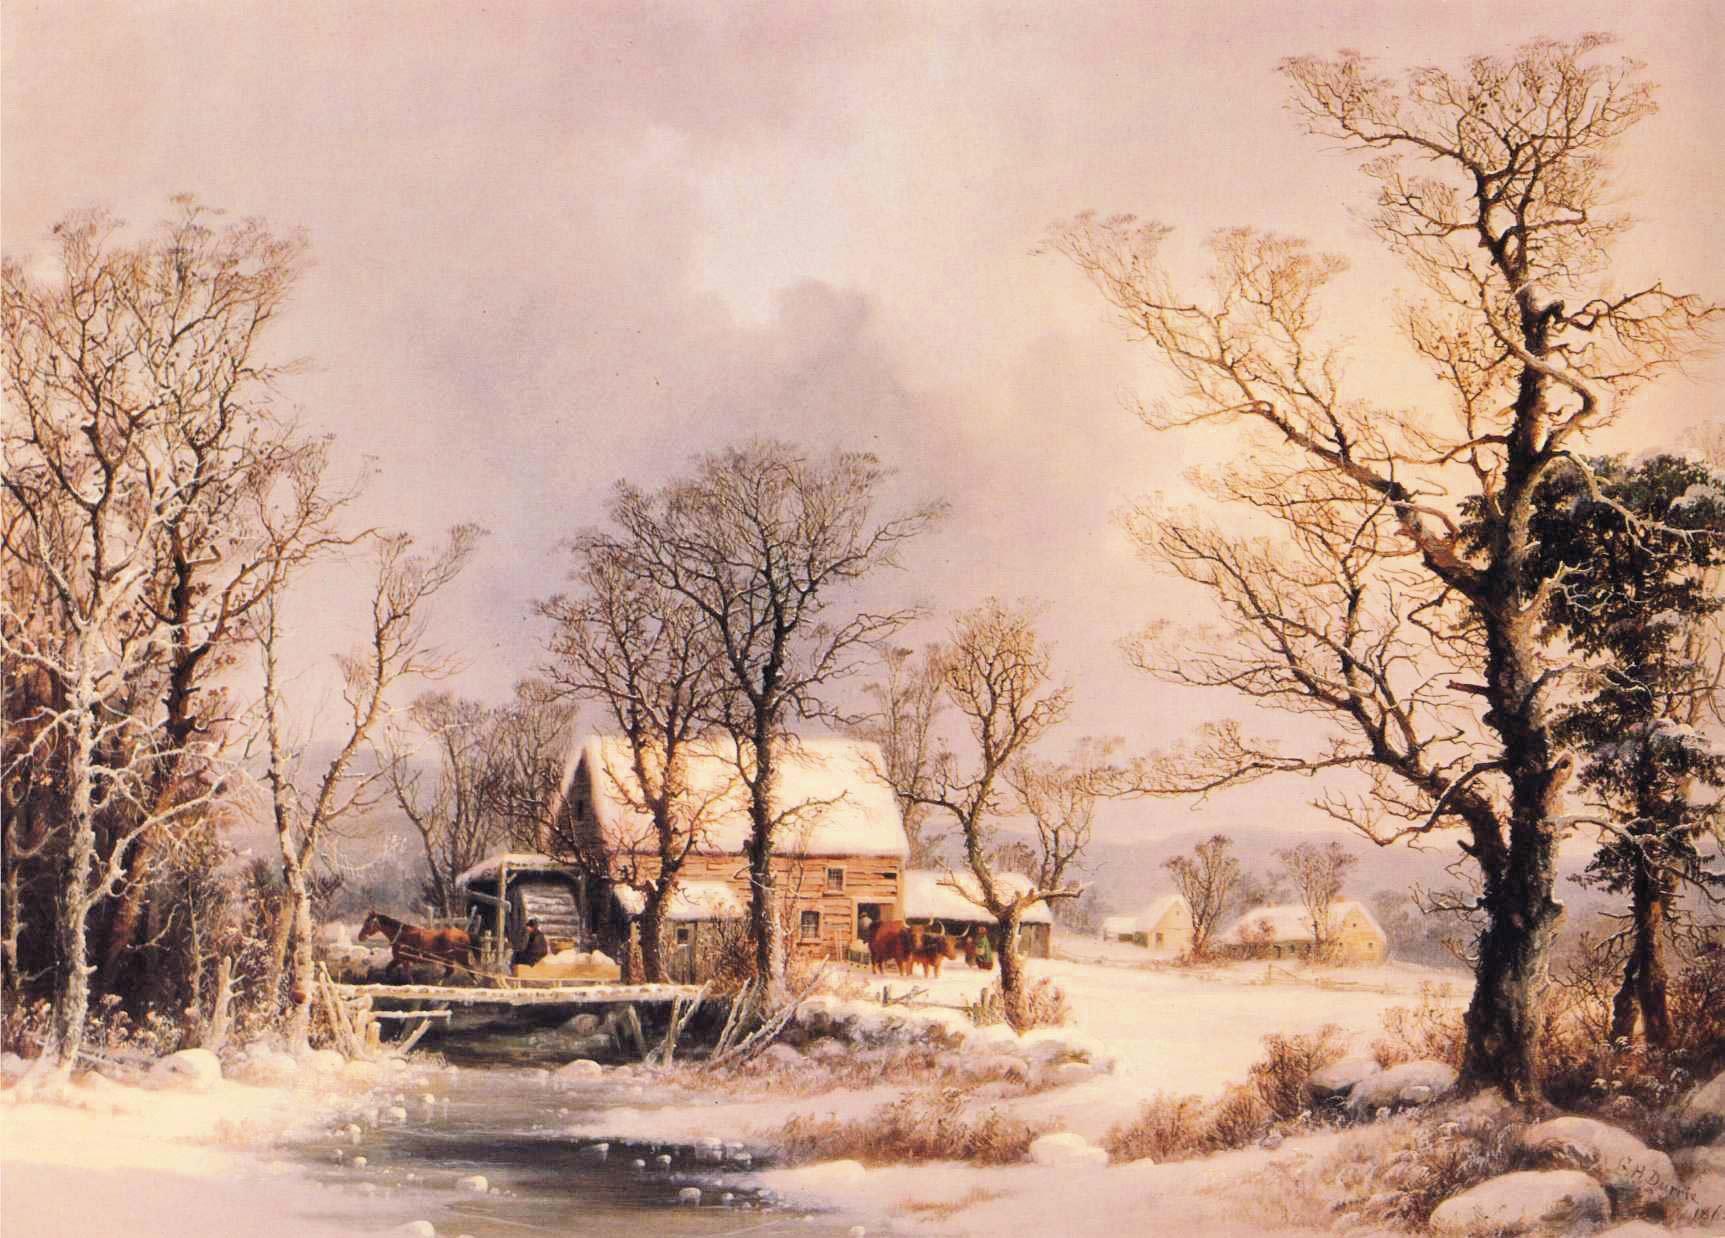 Die Winterromantik ist eine Erfindung der Moderne. Gemälde von George Henrie Durrie © www.pixabay.com